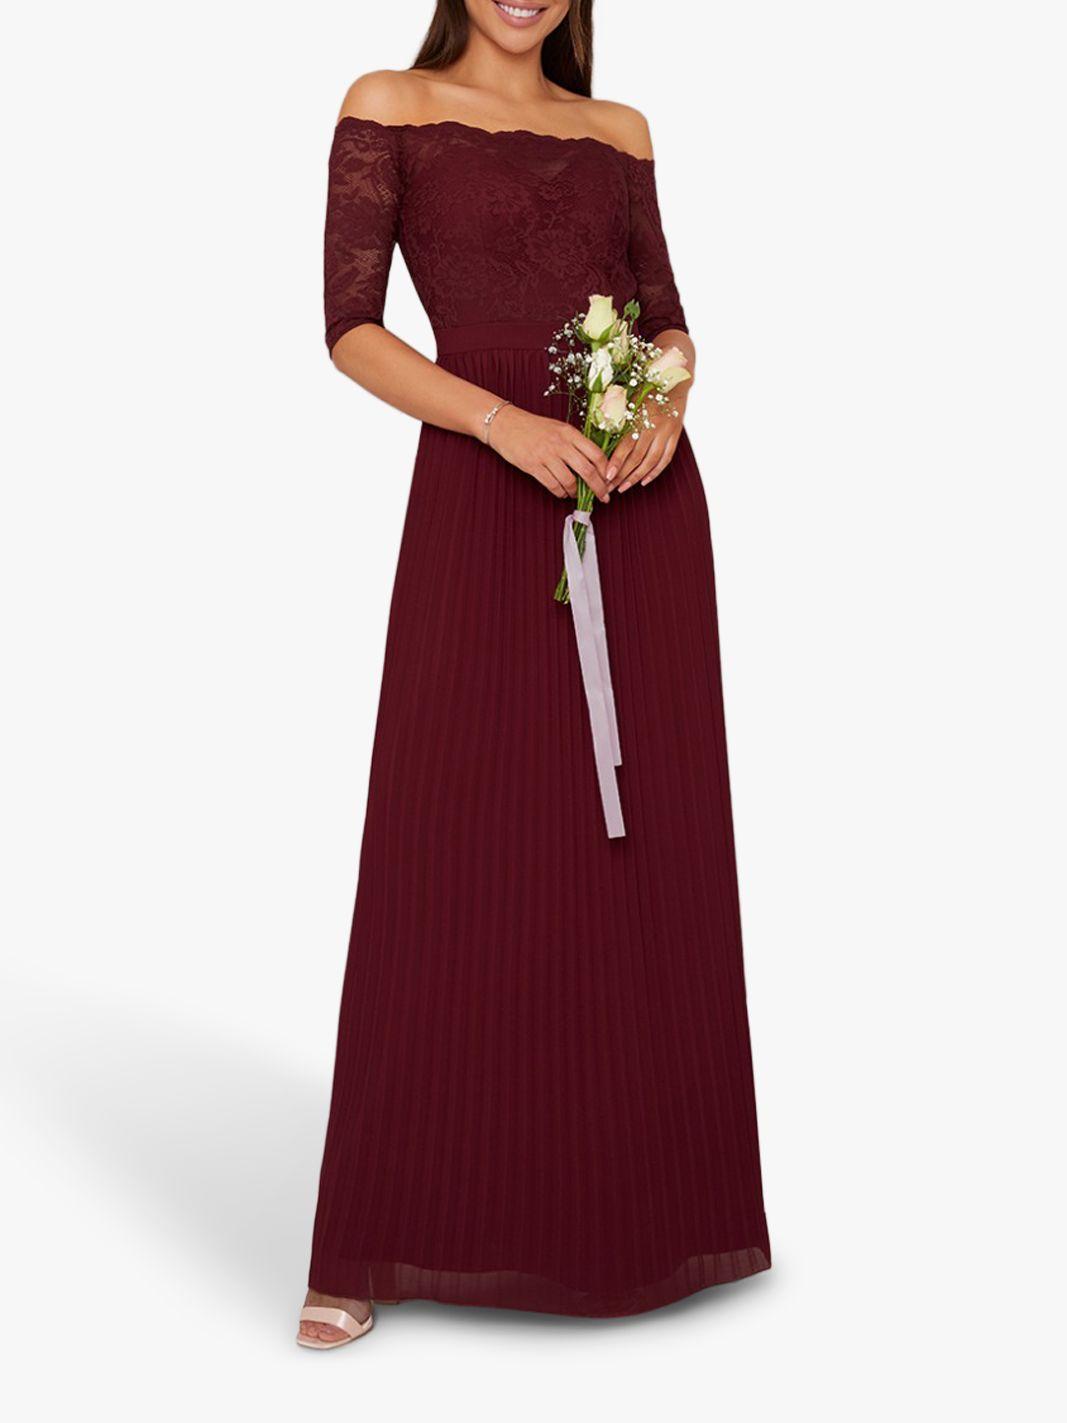 Chi Chi London Chi Chi London Whitley Lace Bardot Dress, Burgundy